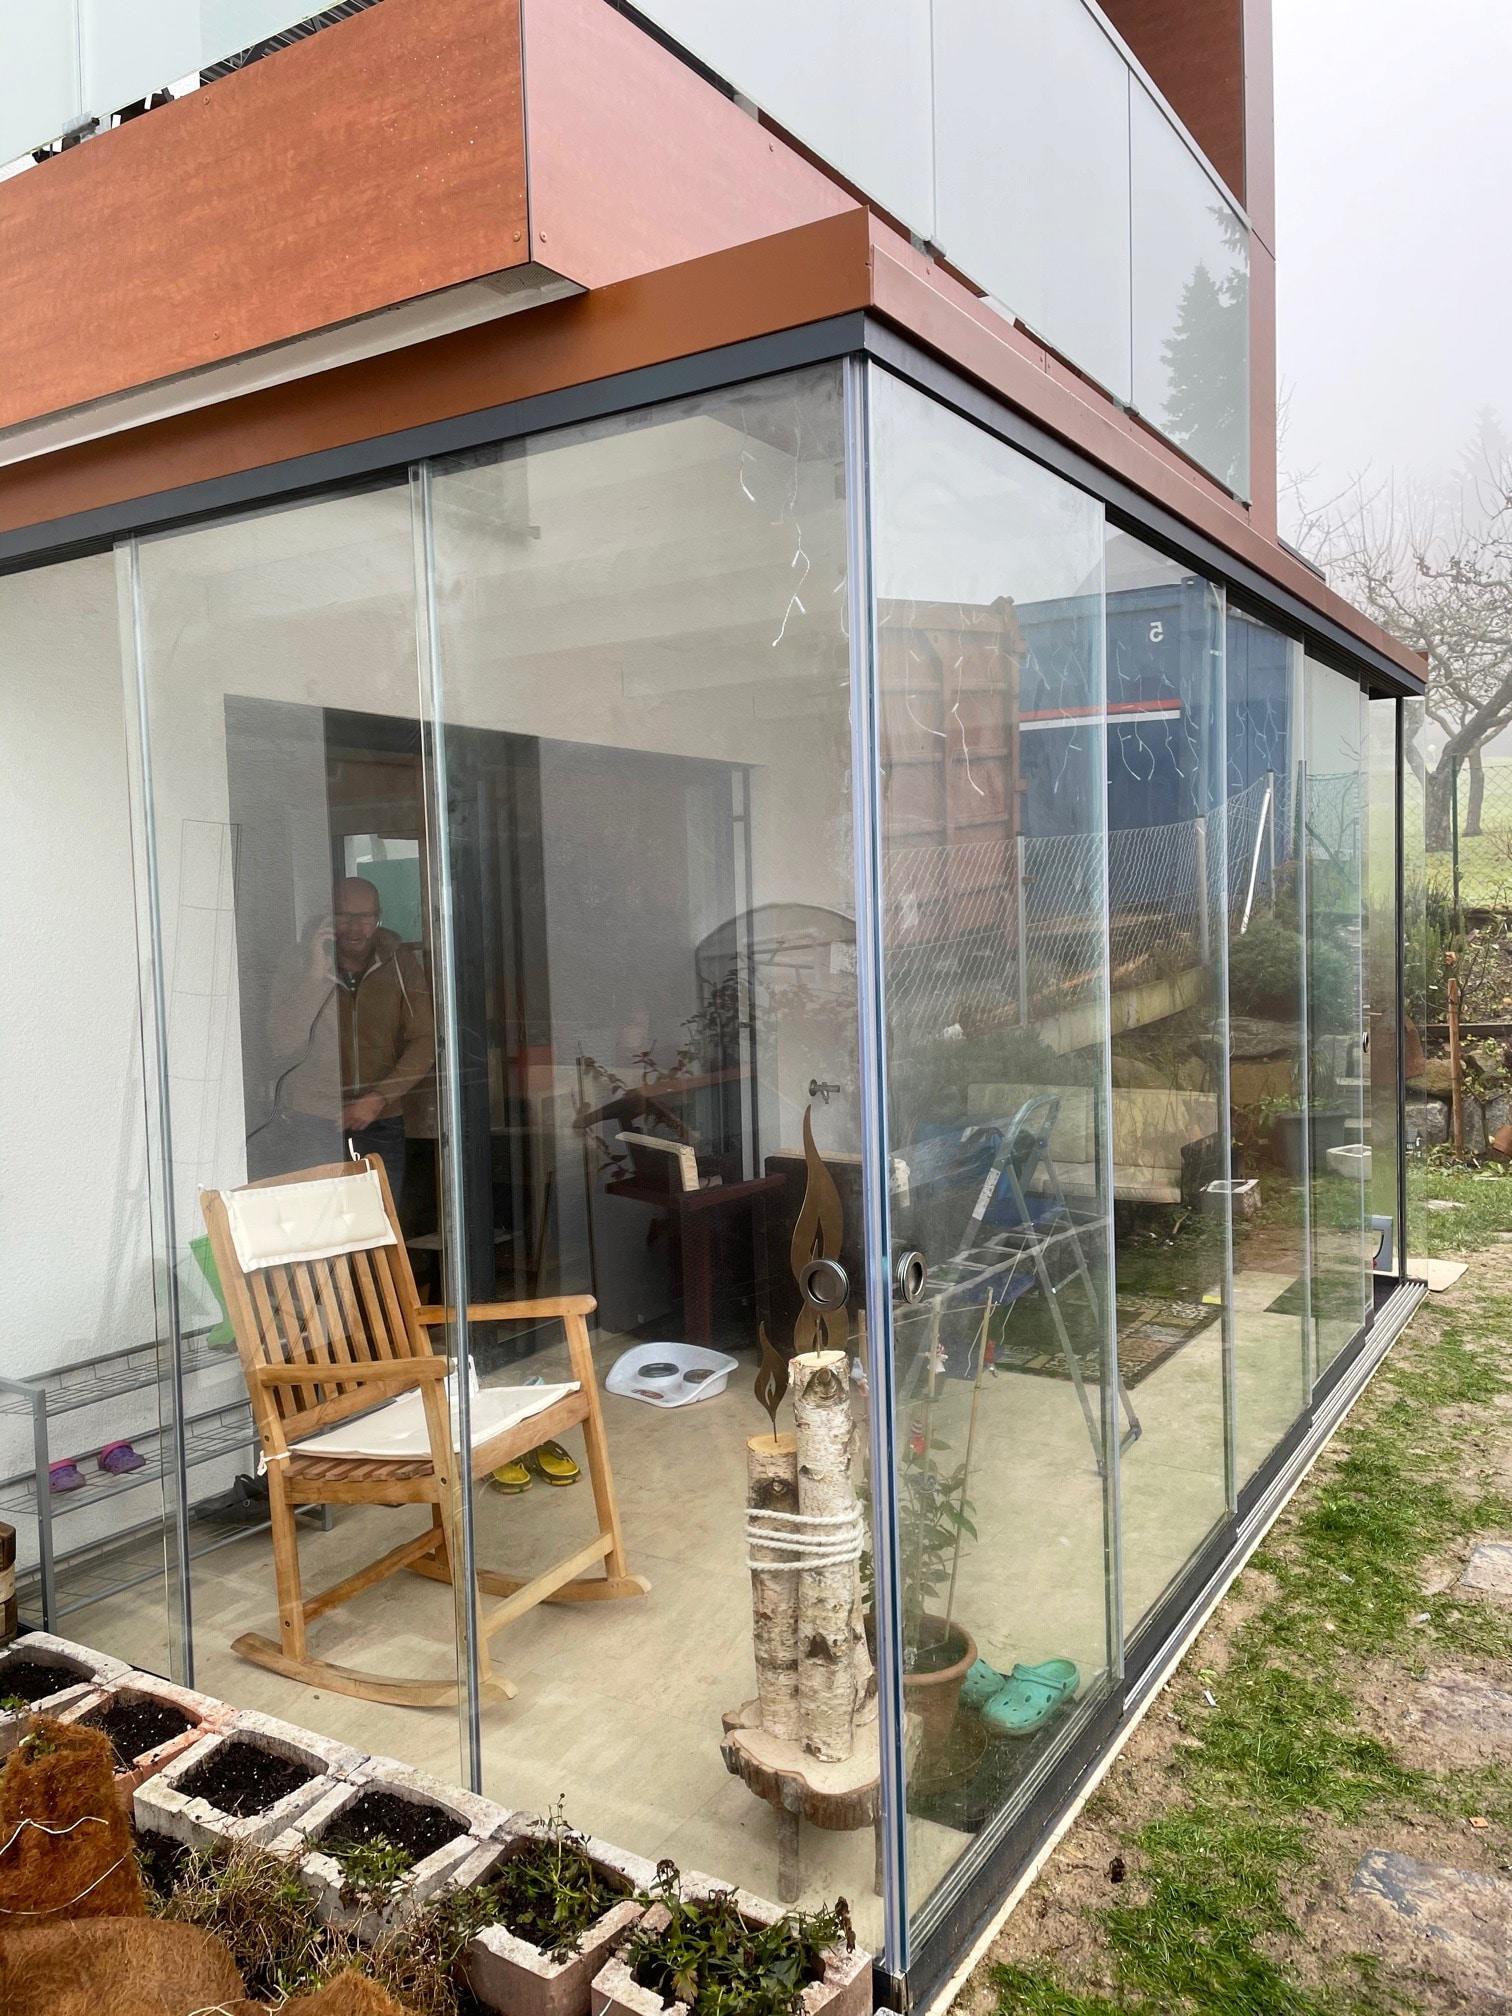 Terrasse mit Schiebeelementen vor schlechtem Wetter schützen